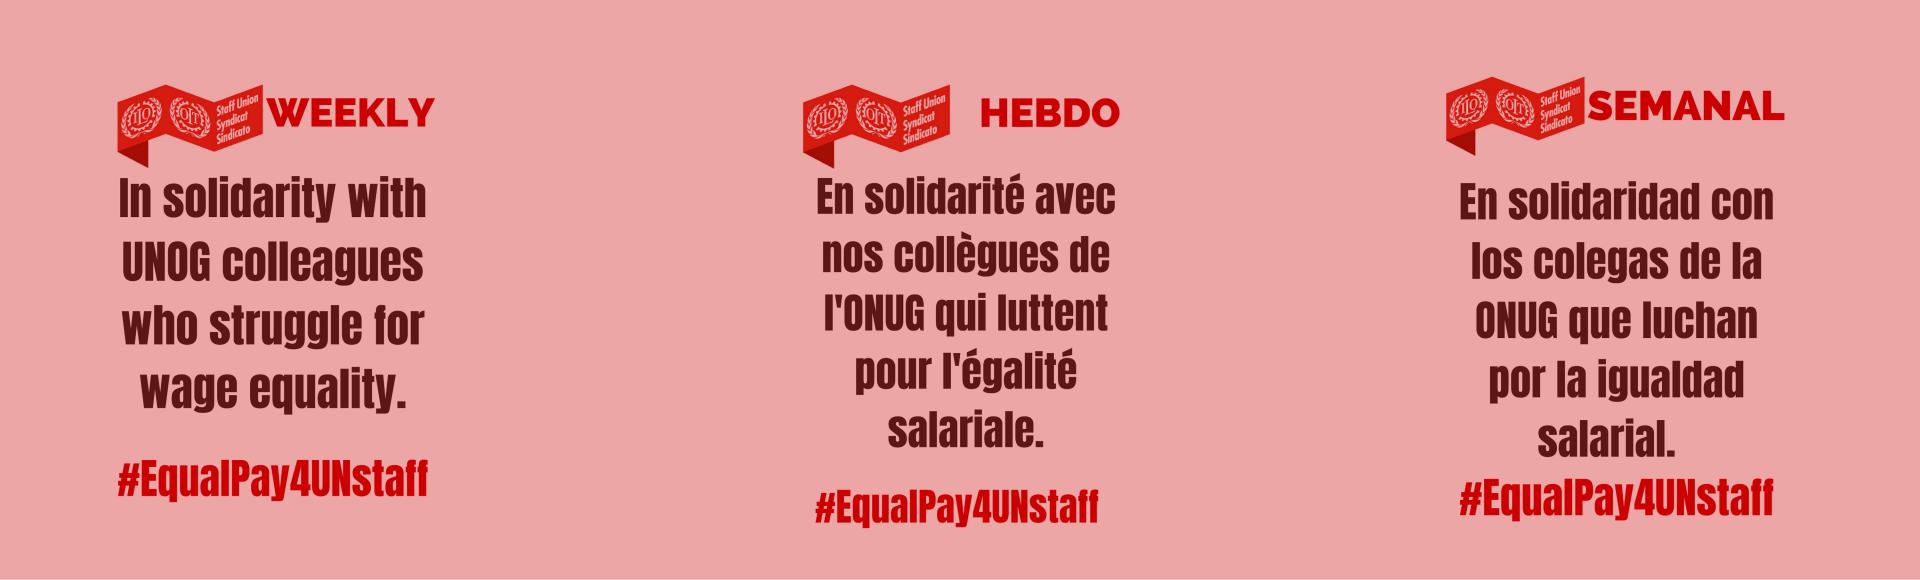 En solidaridad